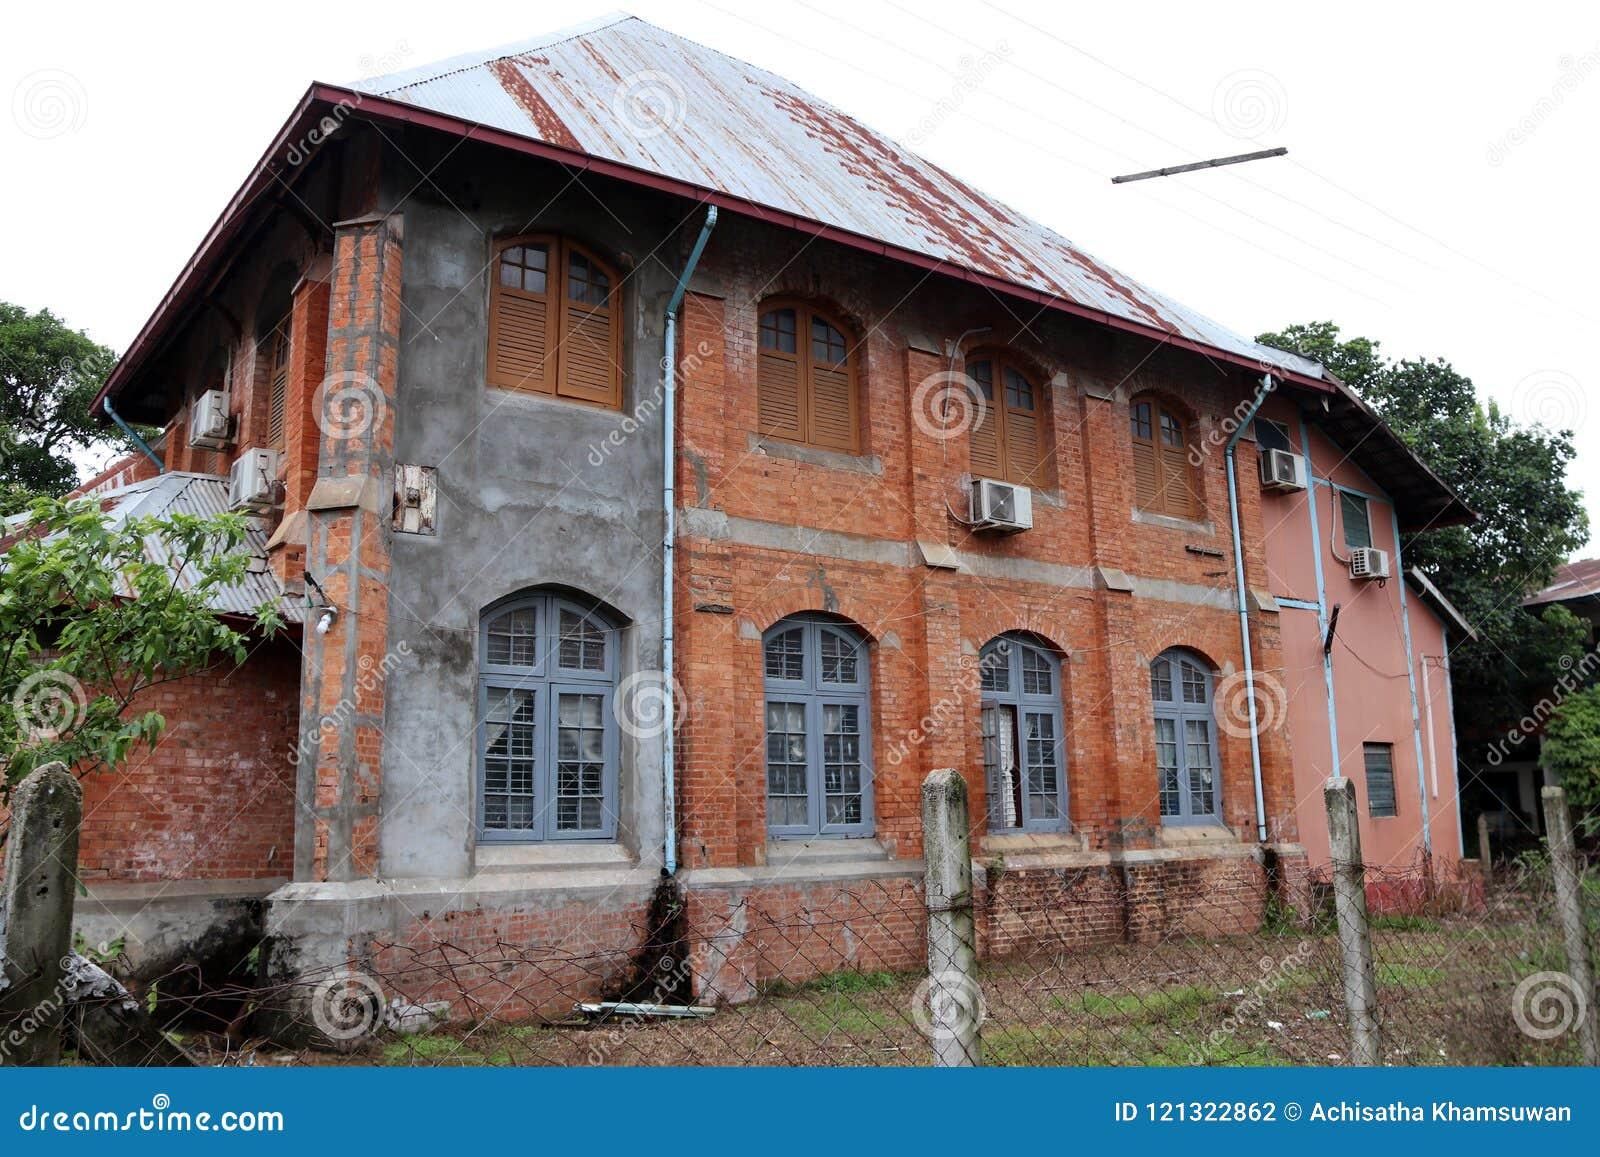 Case Di Legno E Mattoni : Una vecchia casa con mattoni a vista di due piani e finestra